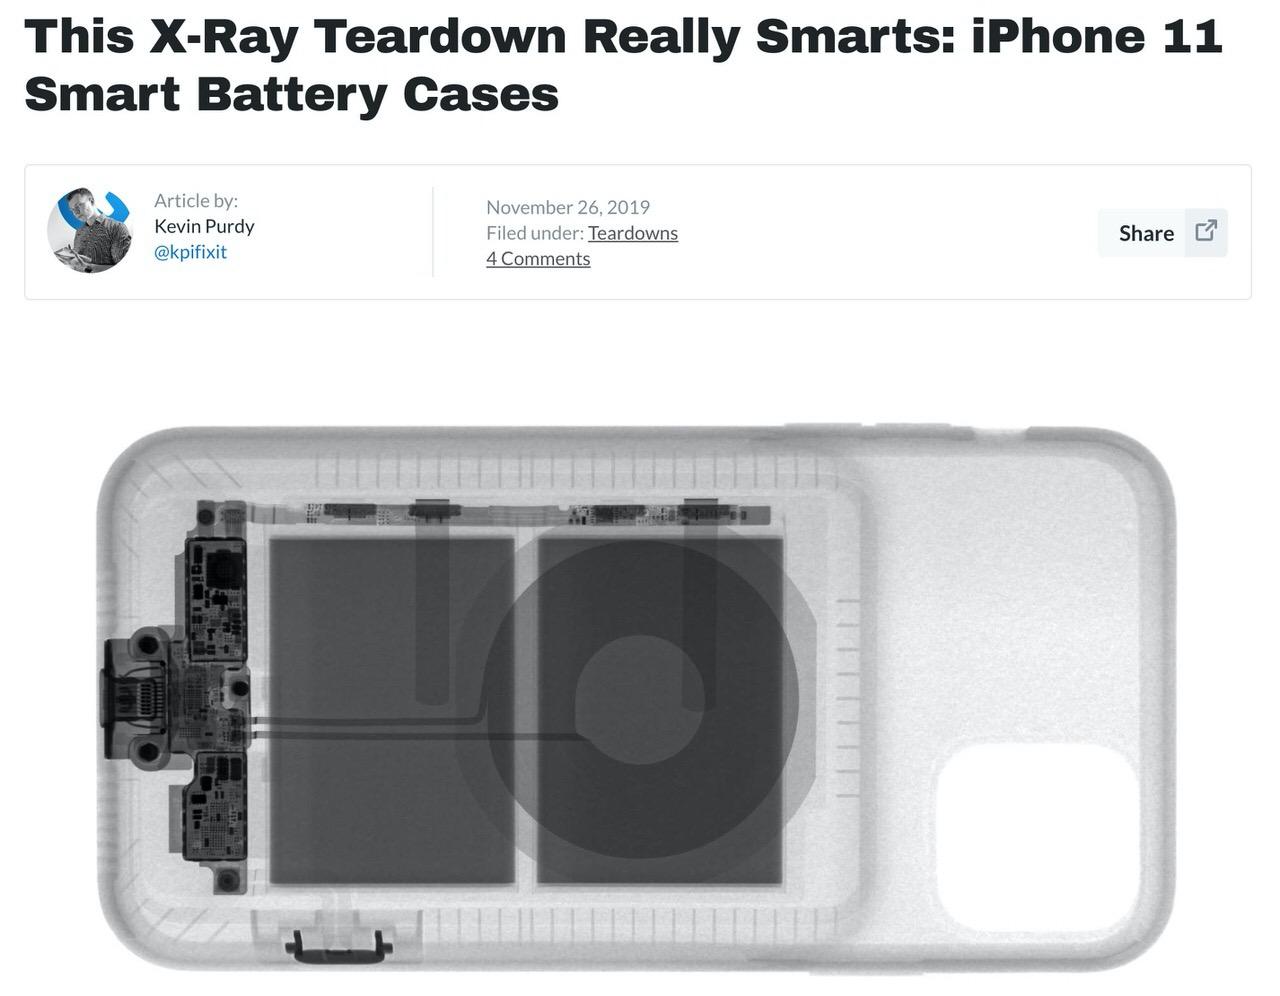 iPhone 11シリーズ向け純正ケース「Smart Battery Case with Wireless Charging」のカメラボタンはLightningに繋がっているらしい